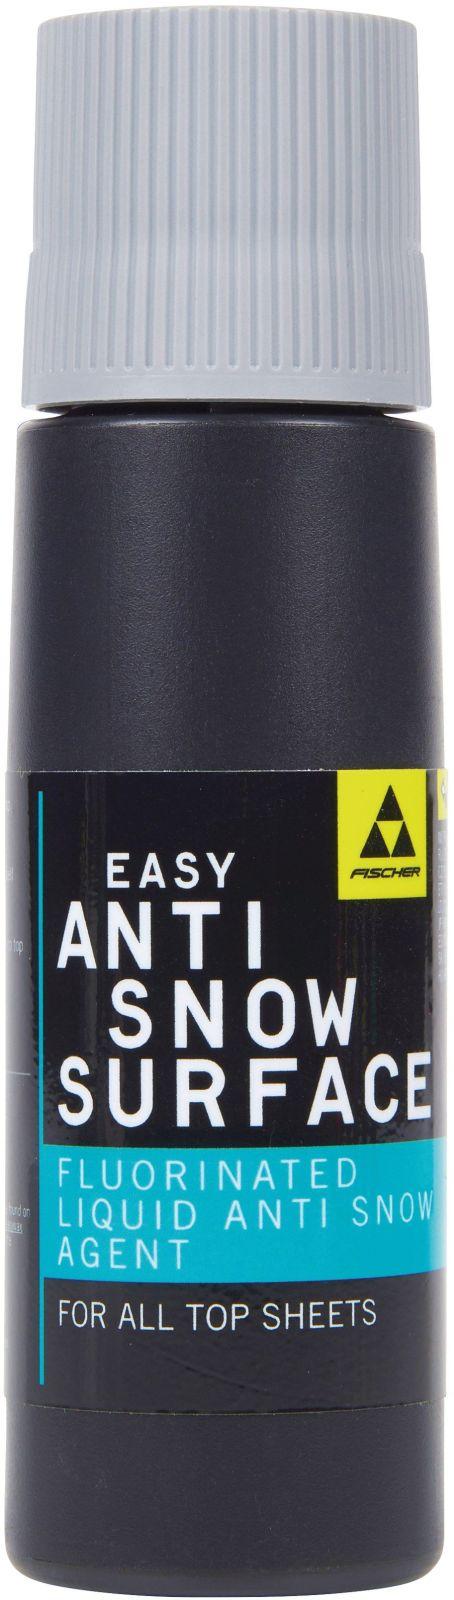 Fischer Easy Anti Snow Surface uni